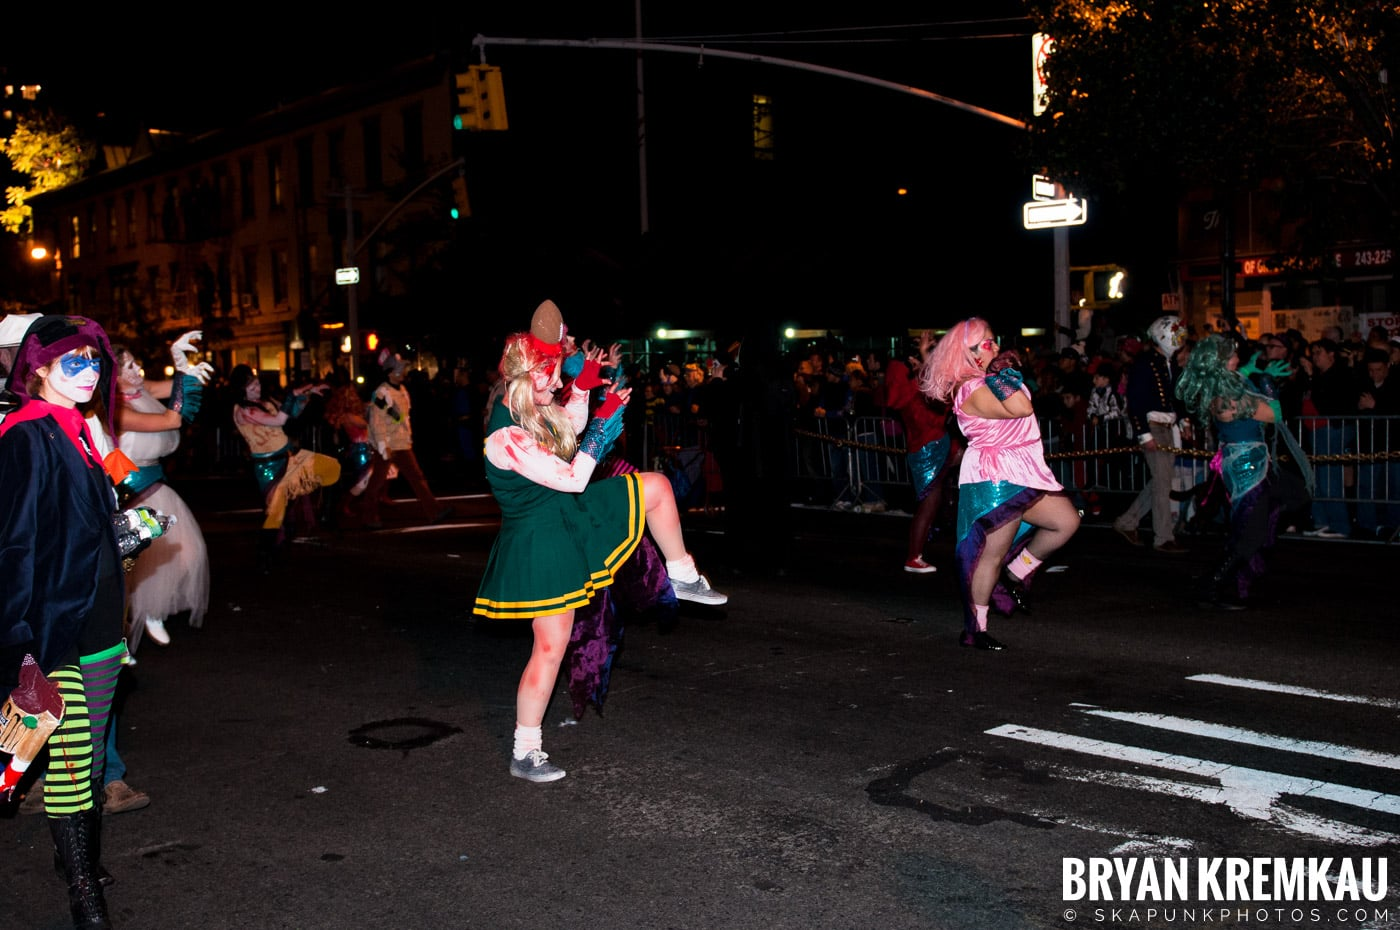 NYC Halloween Parade 2011 @ New York, NY - 10.31.11 (78)